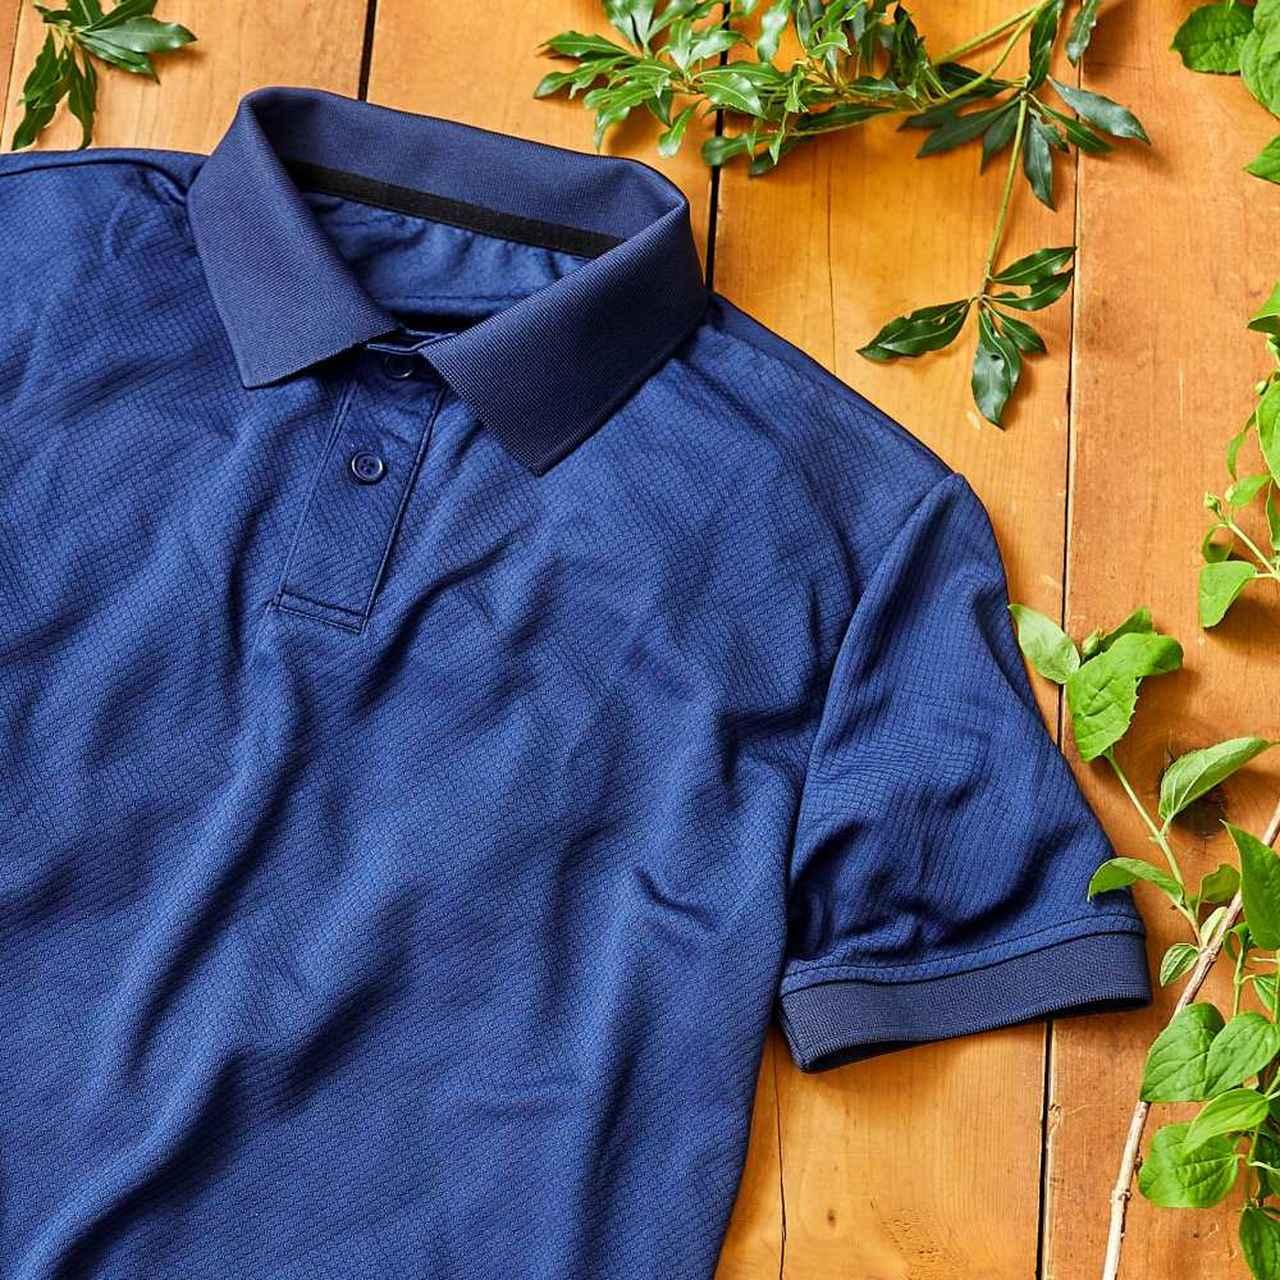 画像: 【あなたを守る】抗ウイルス・虫よけ・冷却 プロテクトポロシャツ|ゴルフダイジェスト公式通販サイト「ゴルフポケット」